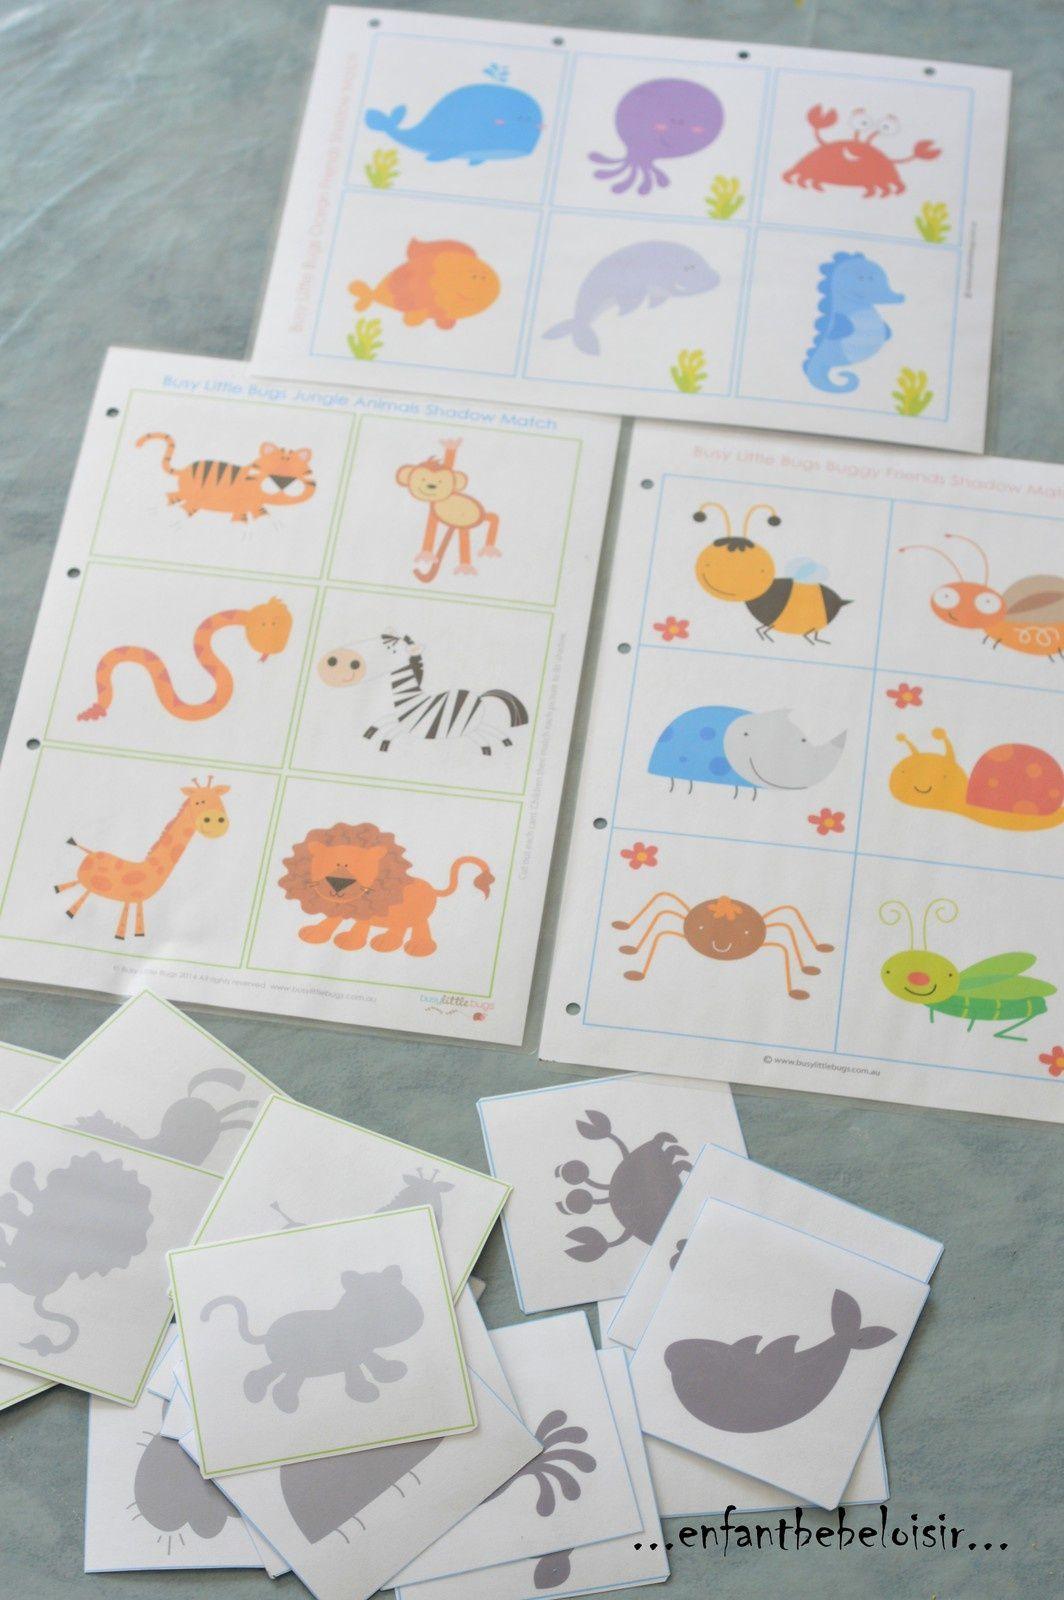 Jeu D'ombres À Imprimer Et Plastifier | Jeux Maternelle destiné Jeux Educatif Gratuit 2 Ans